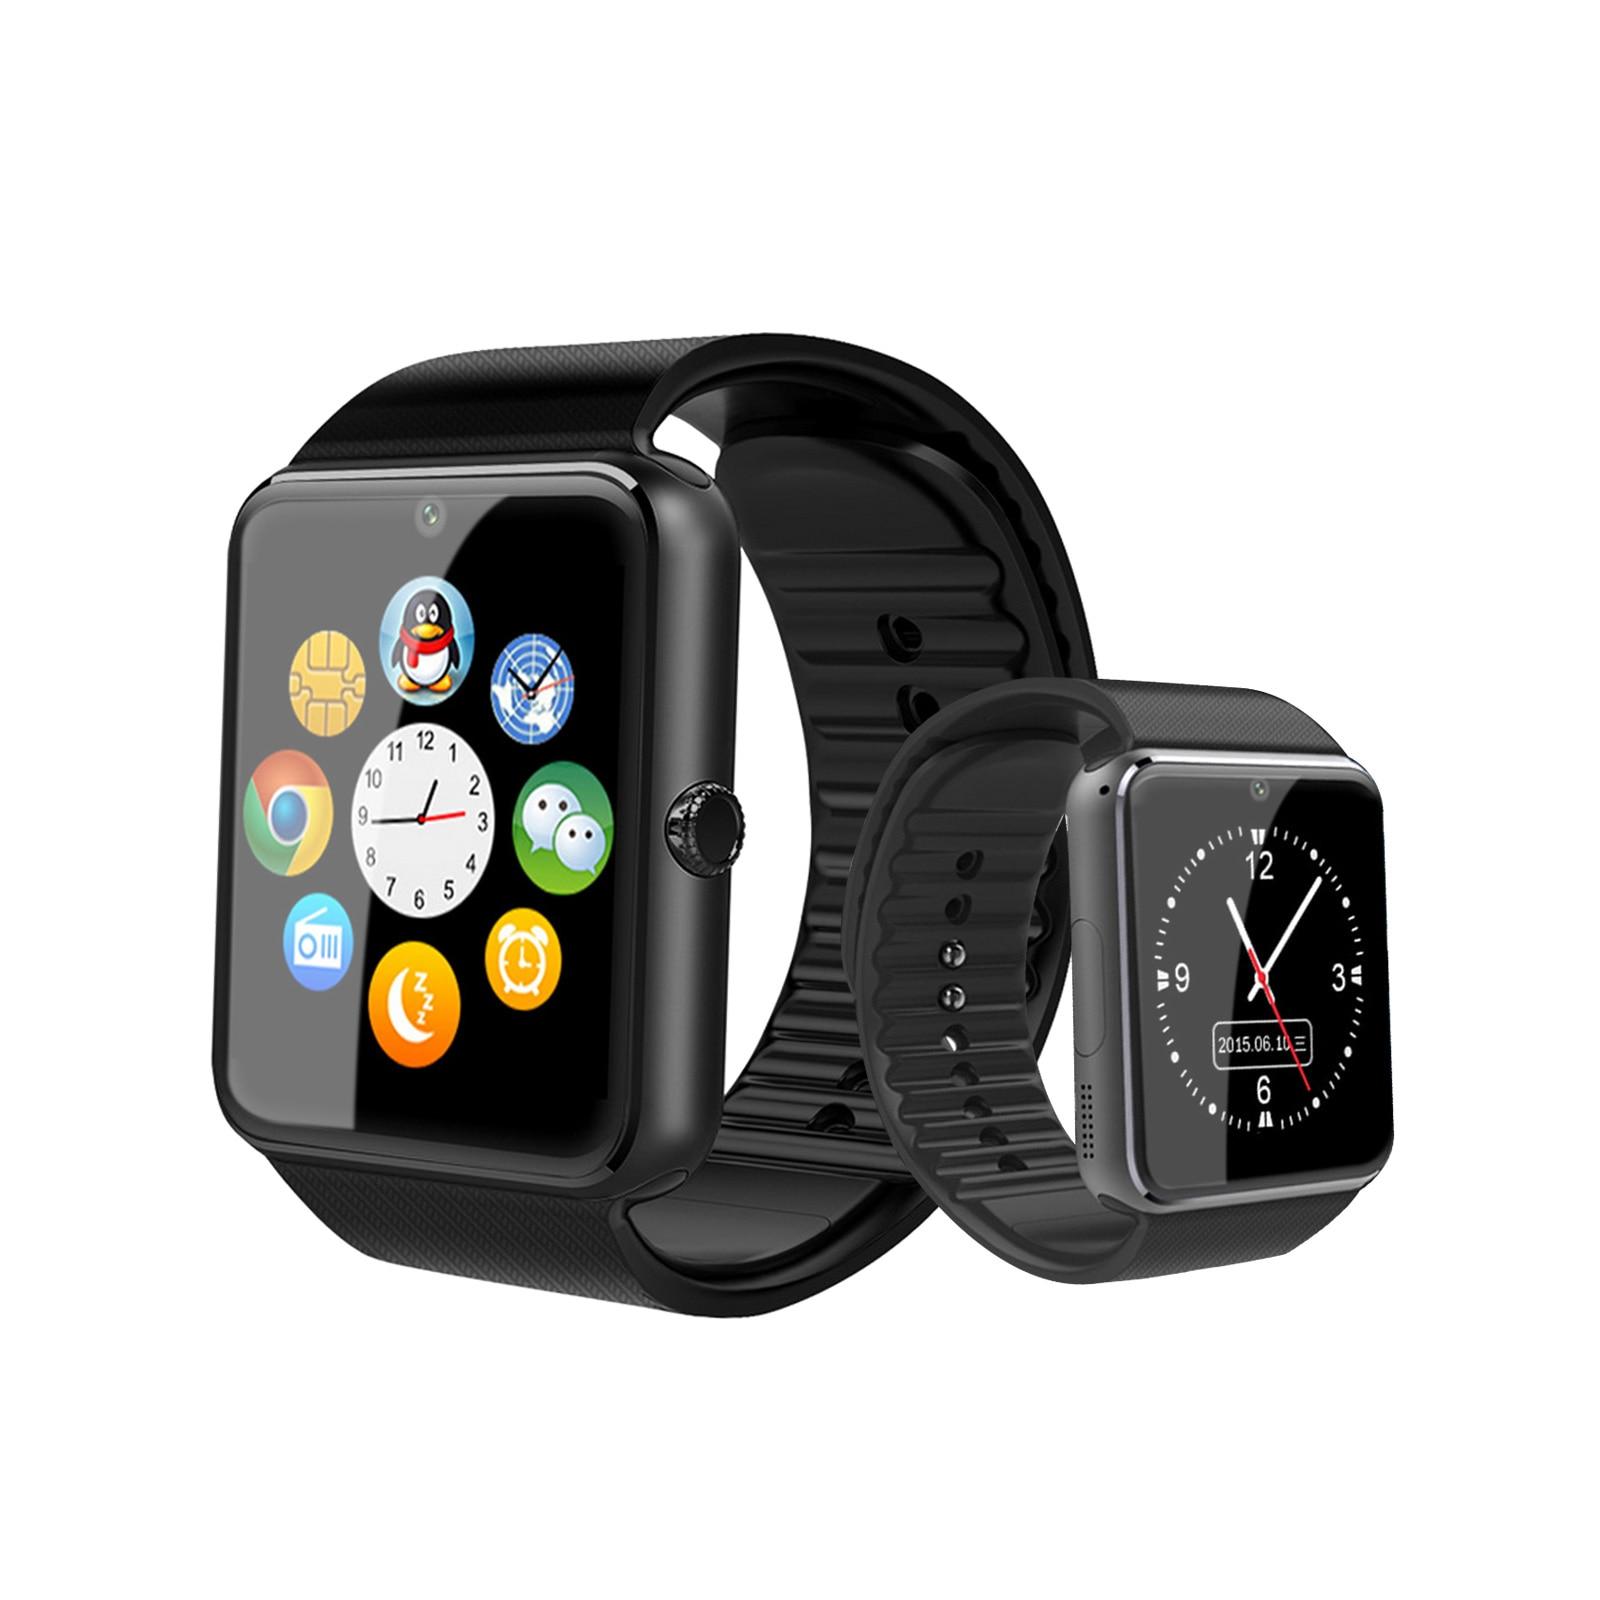 GT08 Bluetooth Смарт часы телефон Andriod IOS сенсорный экран поддержка sim карты TF карта памяти с камерой Смарт часы GT08 часы Смарт-часы      АлиЭкспресс